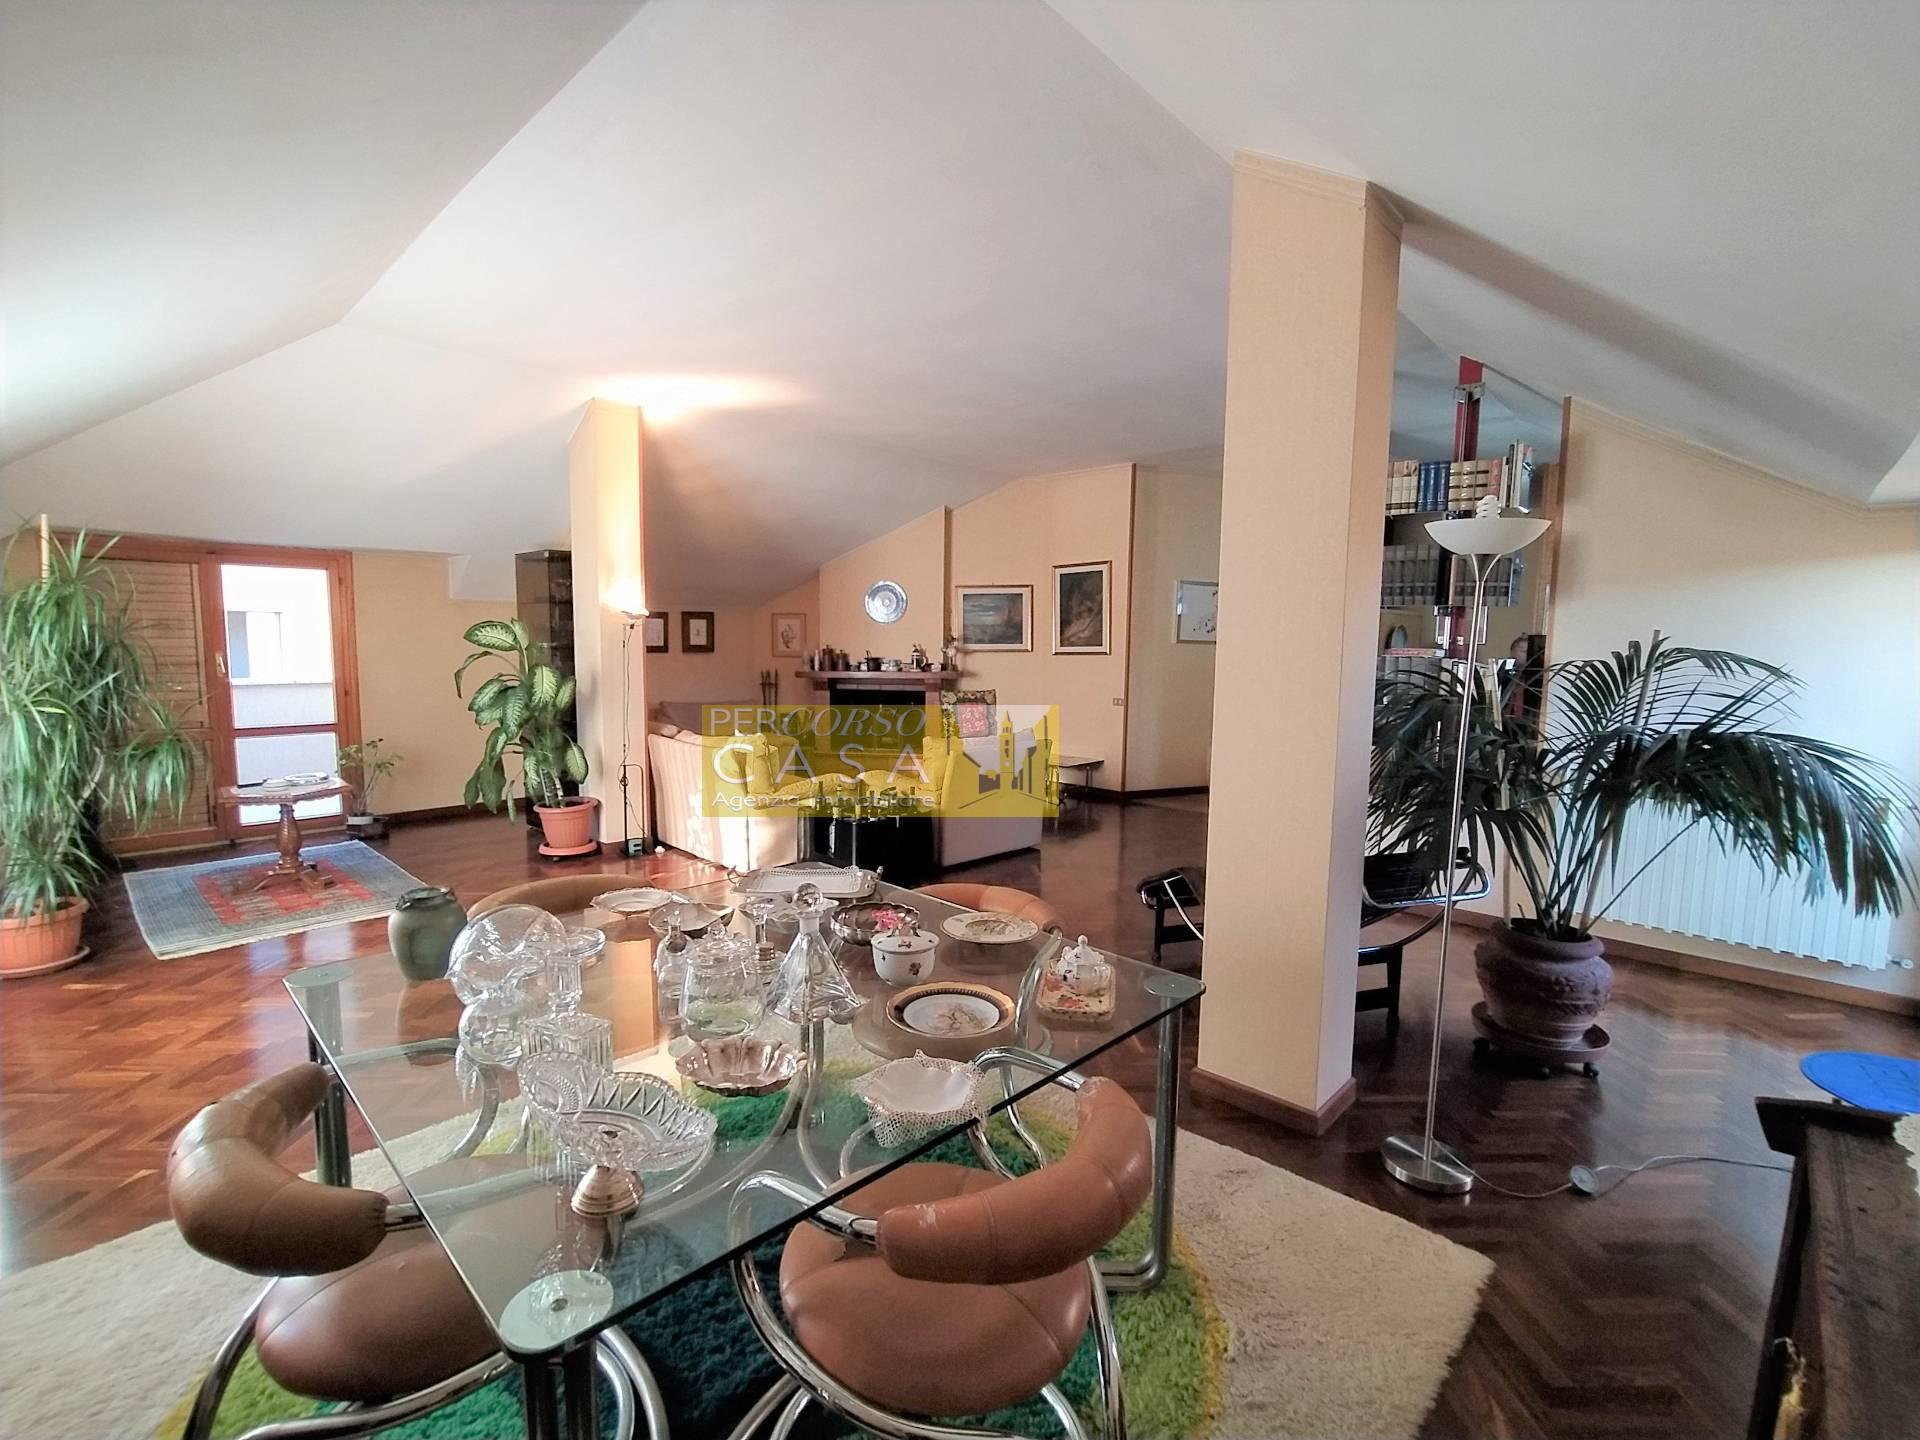 Appartamento in vendita a Teramo, 8 locali, zona centro, prezzo € 159.000 | PortaleAgenzieImmobiliari.it